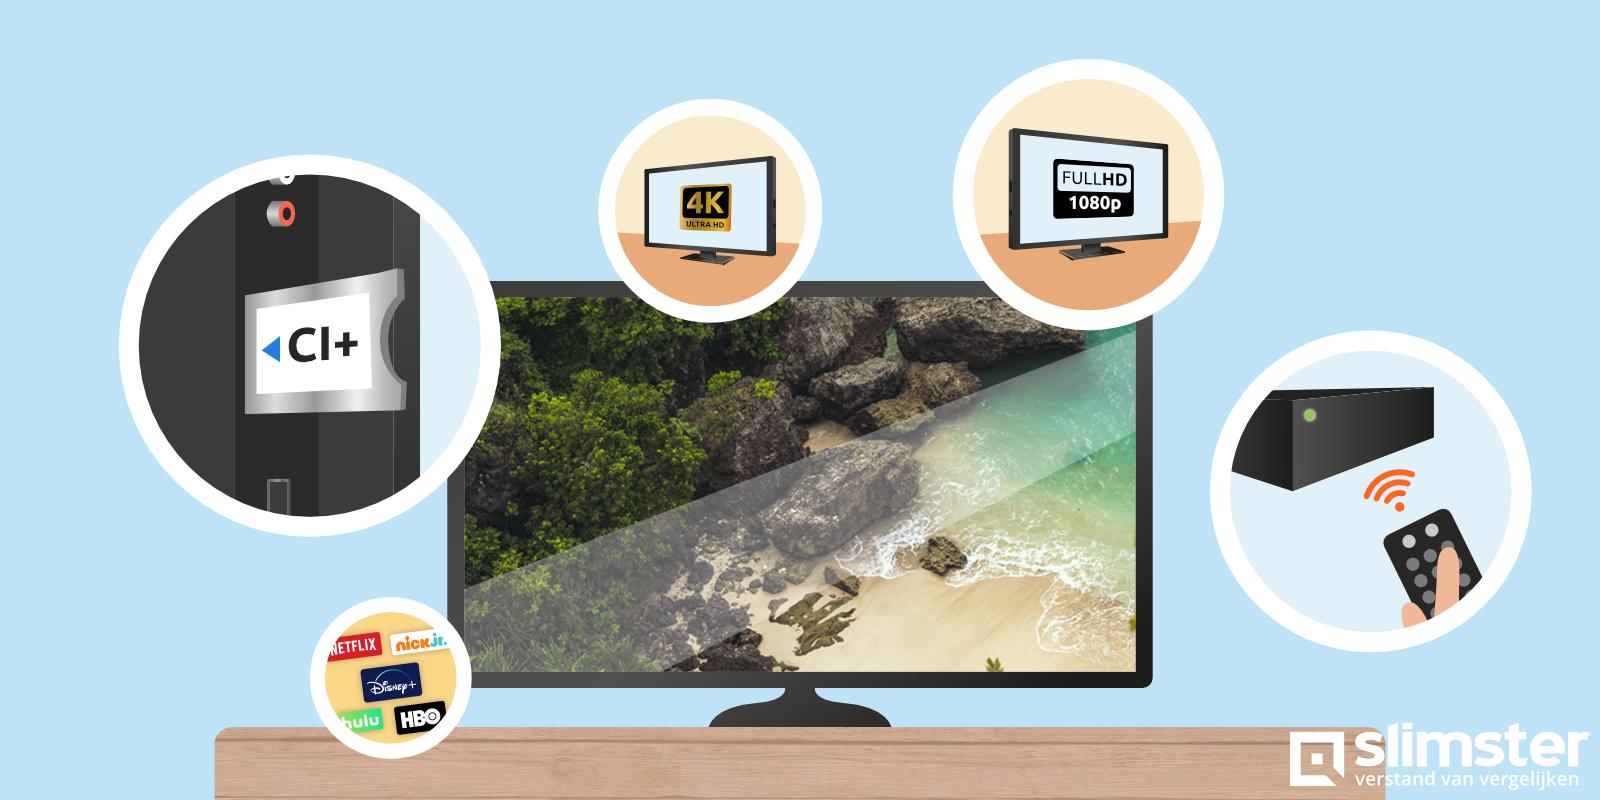 televisie abonnement zonder internet